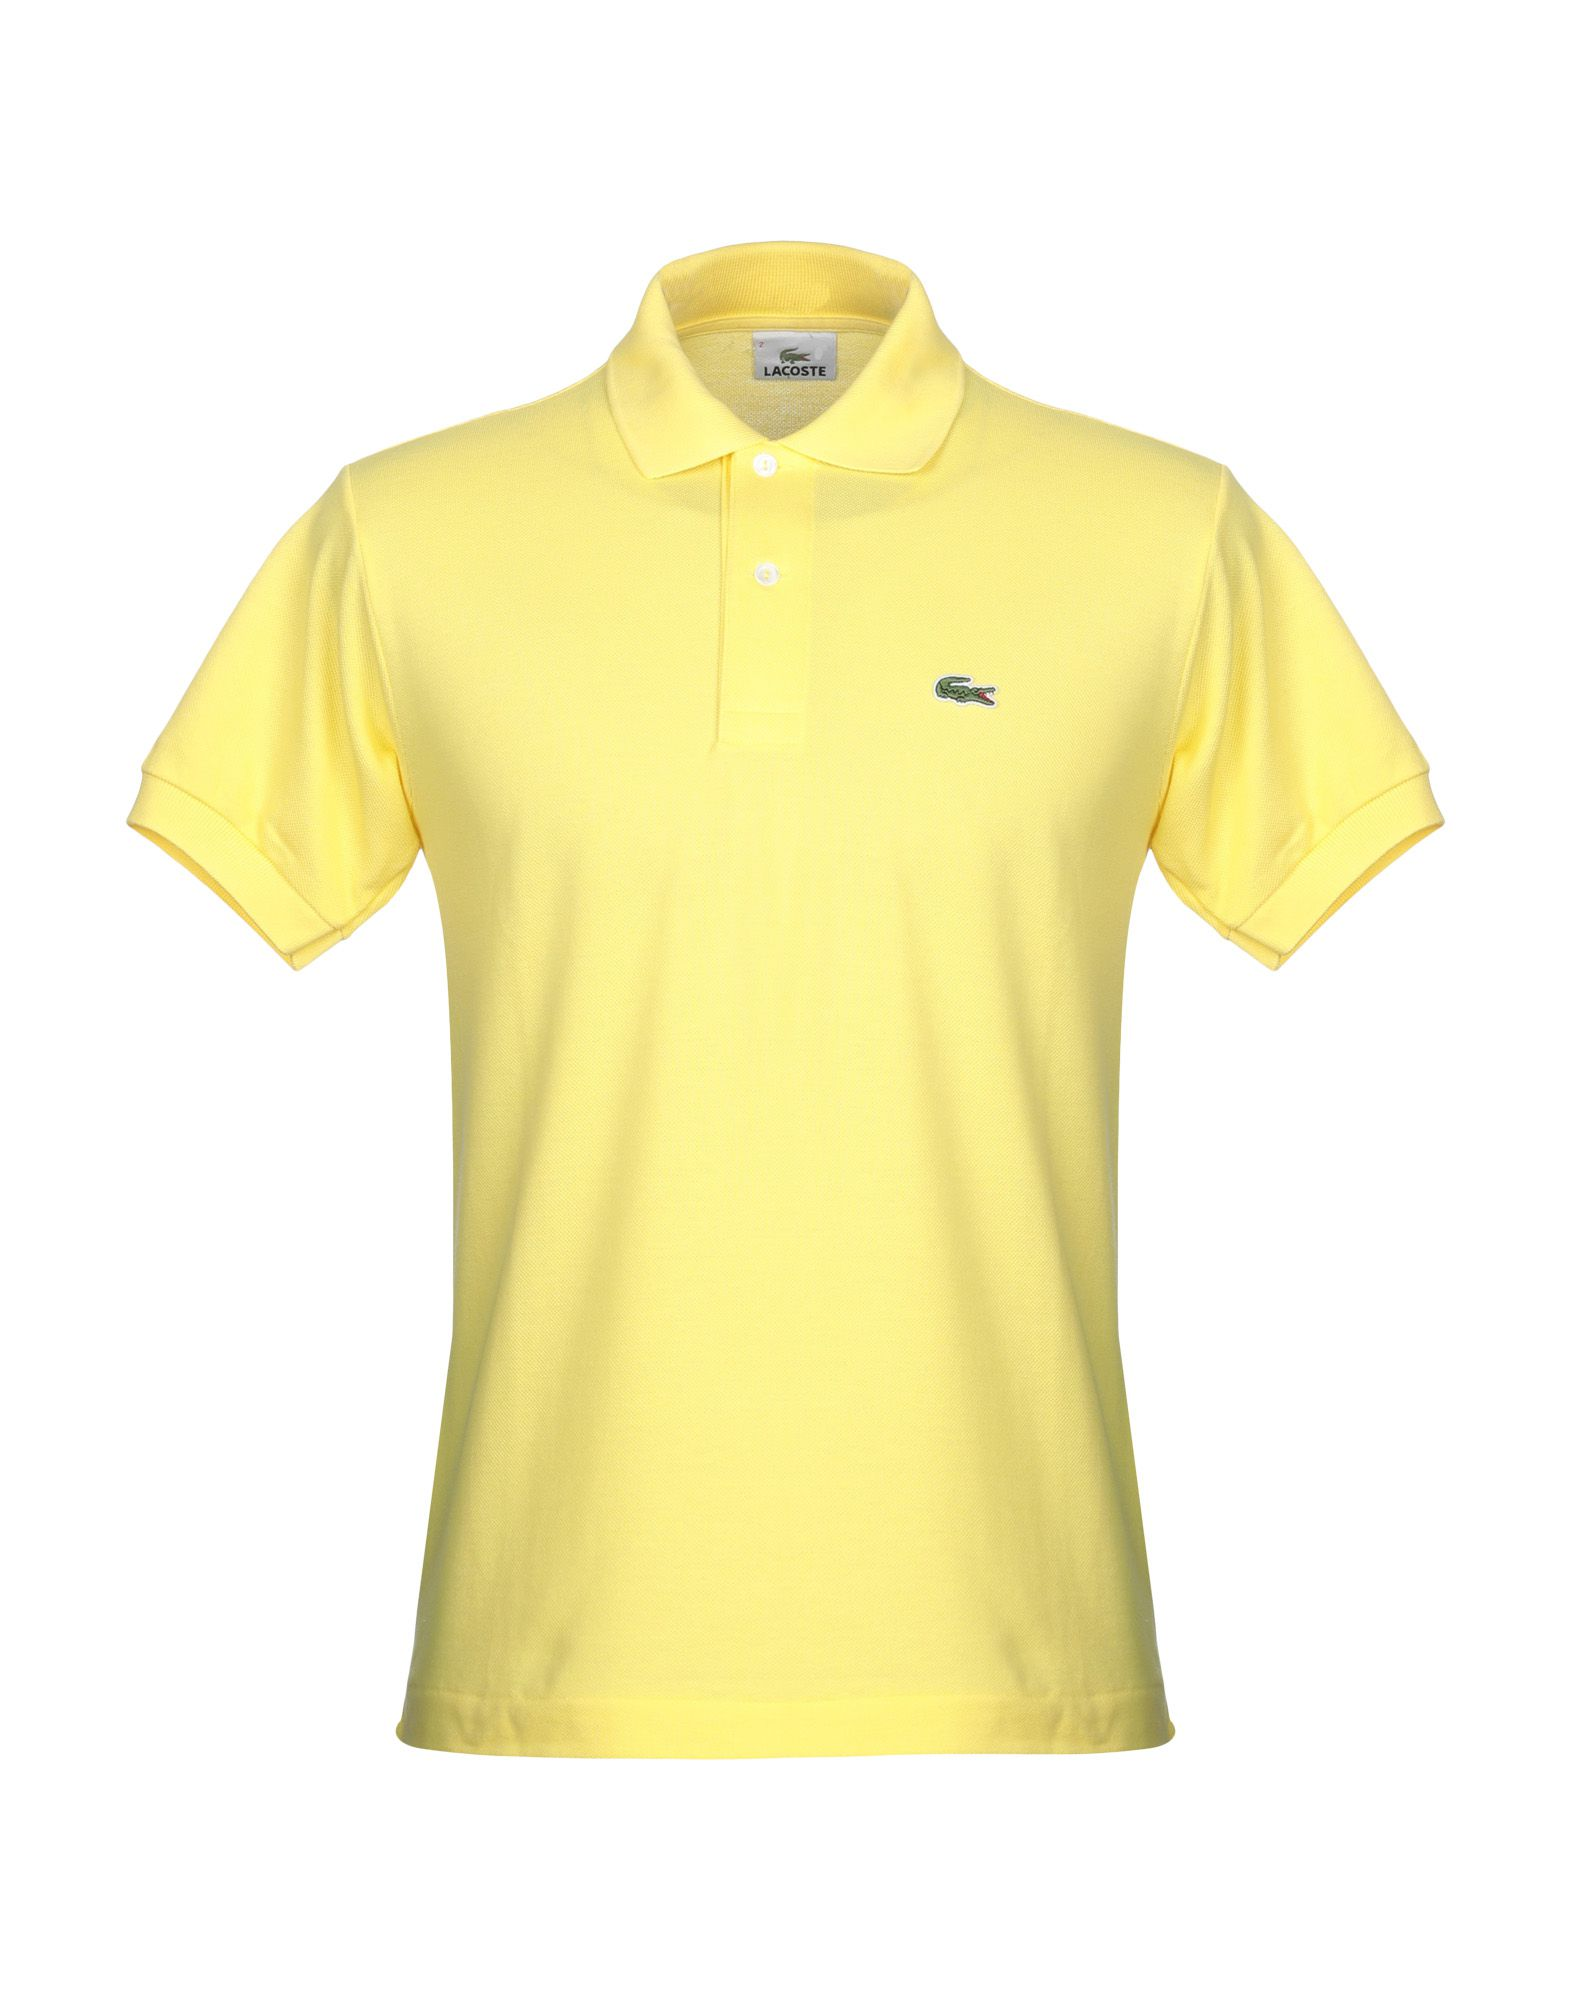 《送料無料》LACOSTE メンズ ポロシャツ イエロー 2 コットン 100%